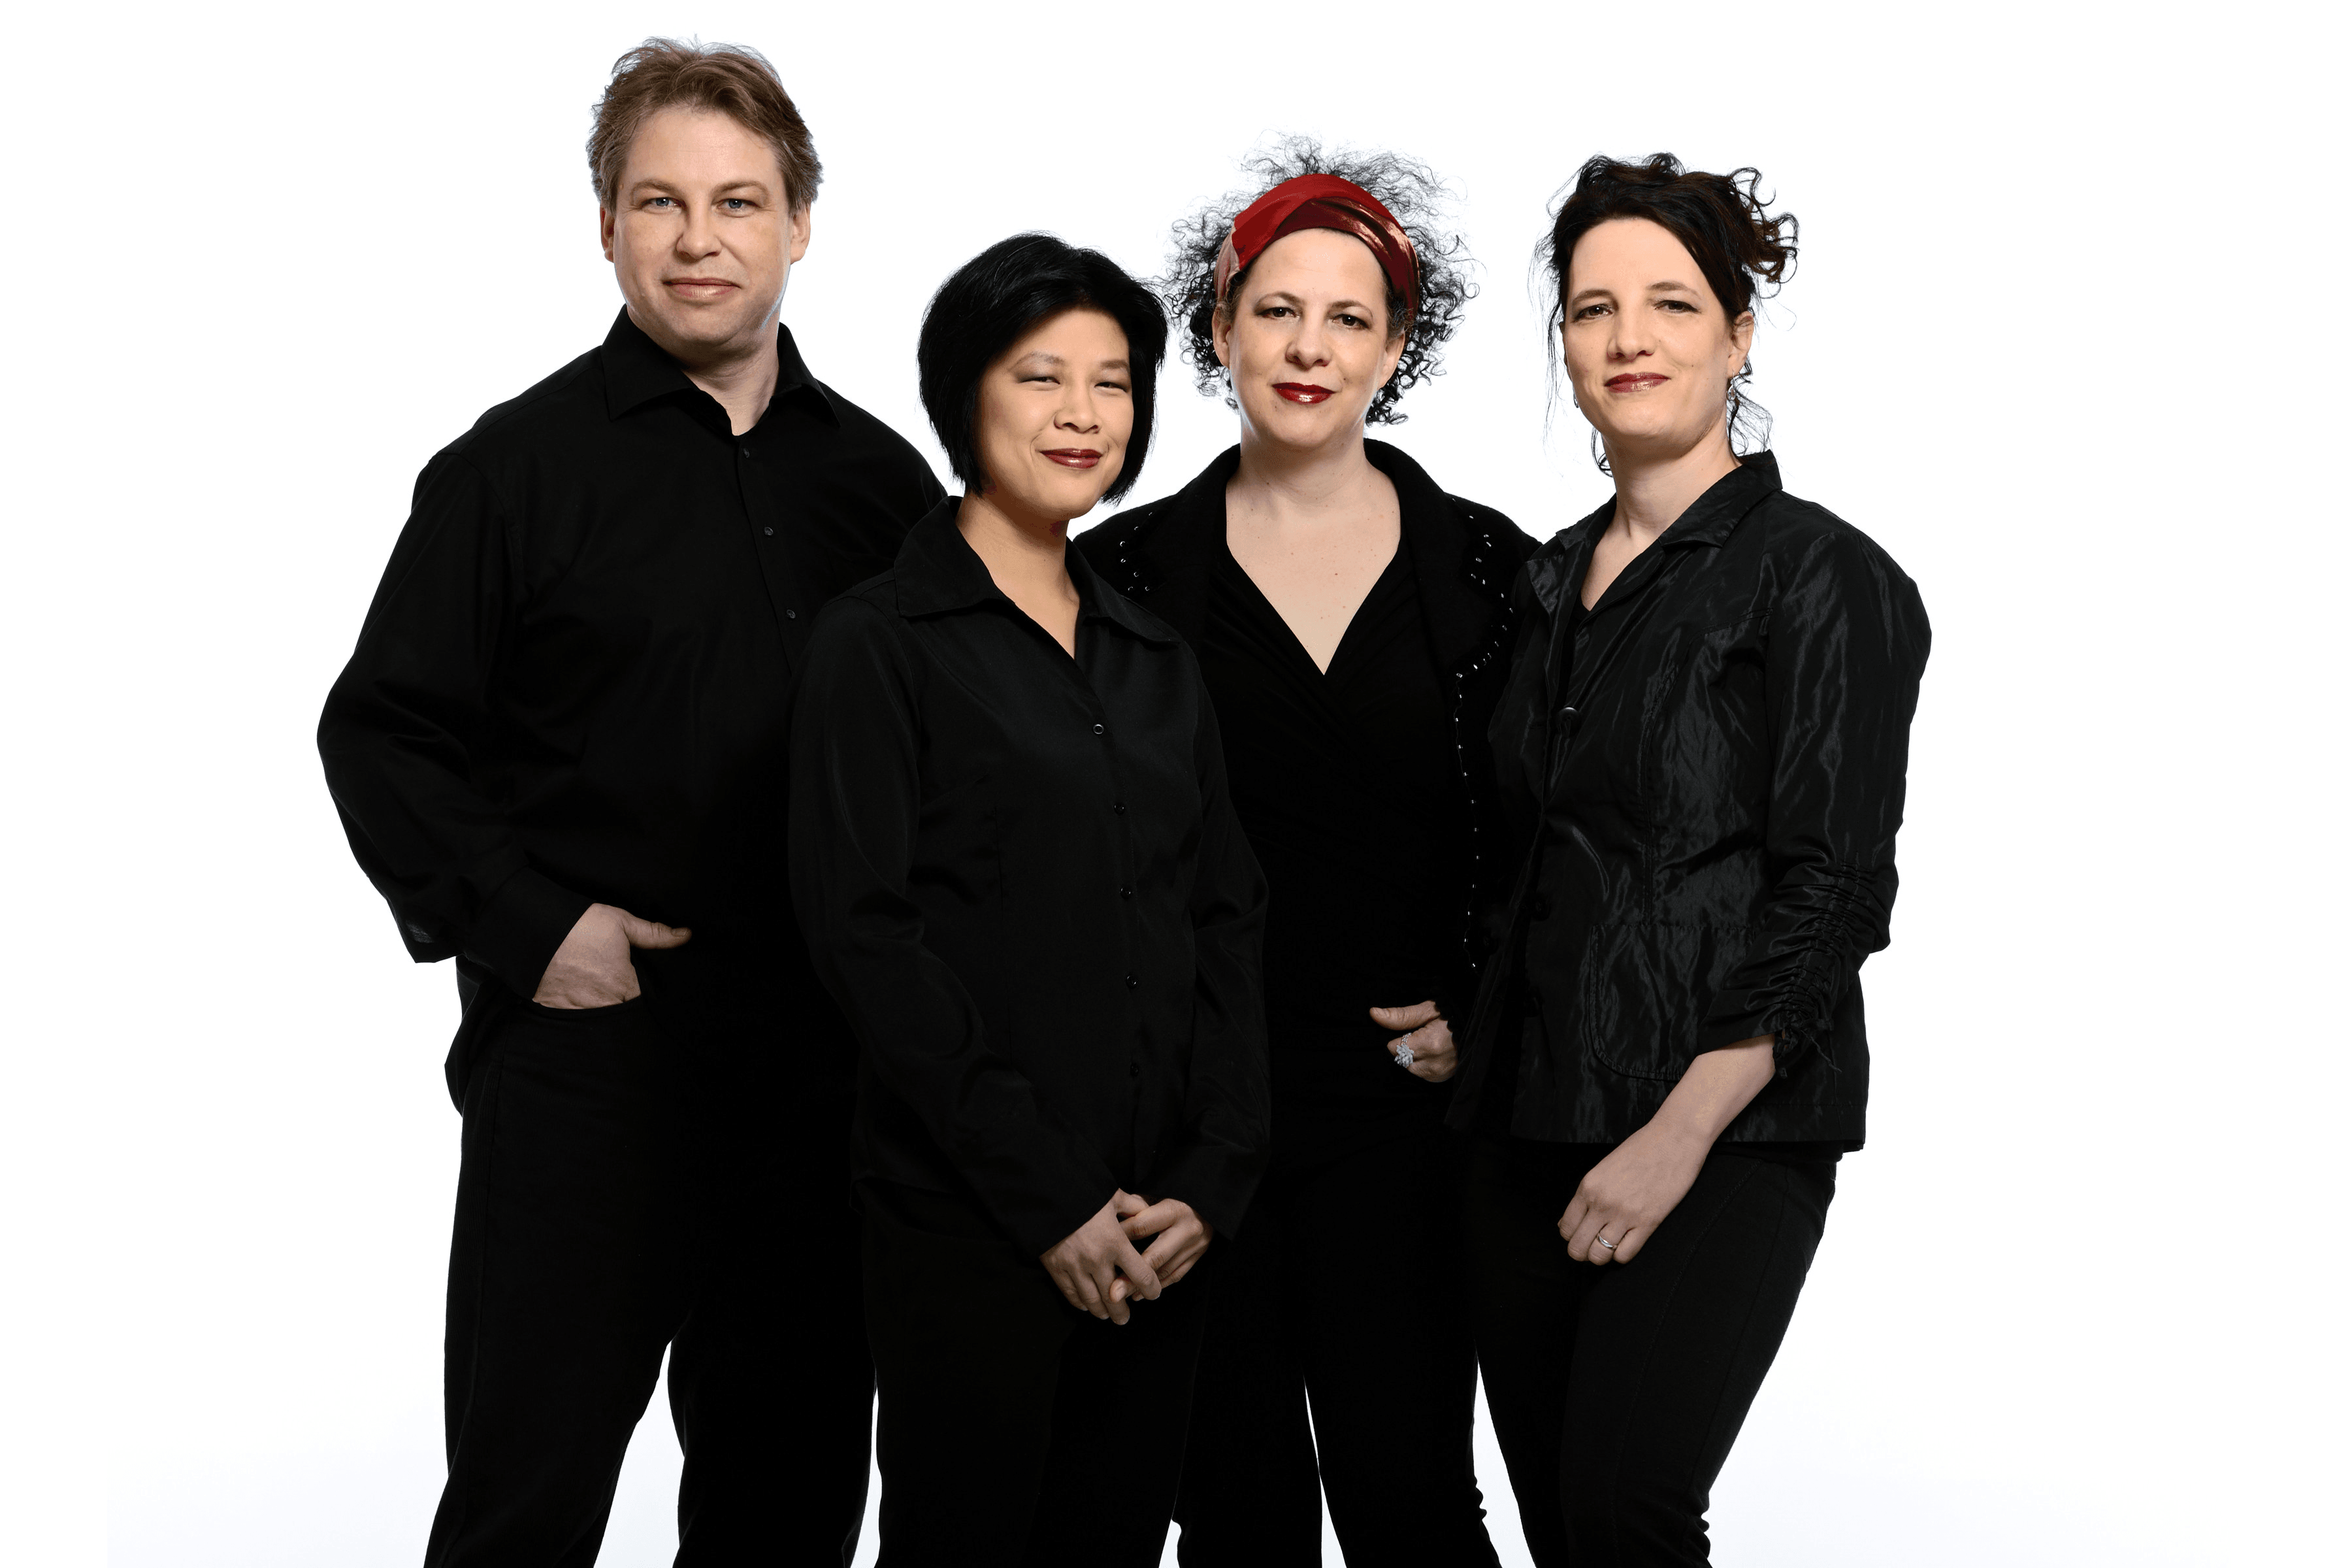 Quatuor Bozzini - Imagining the North - Tableaux en musique